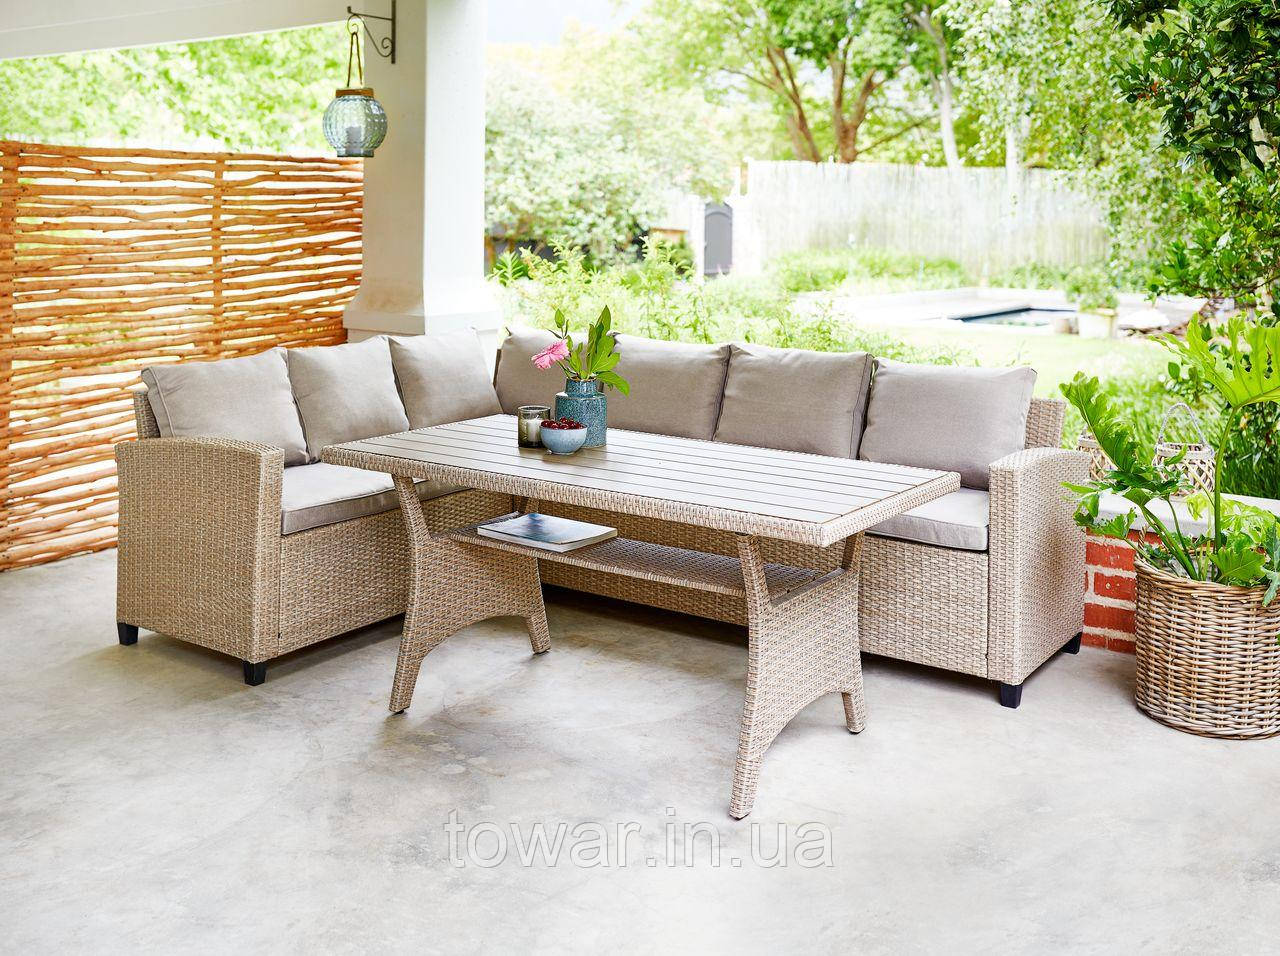 Комплект садовой мебели ULLEHUSE из искусственного ротанга